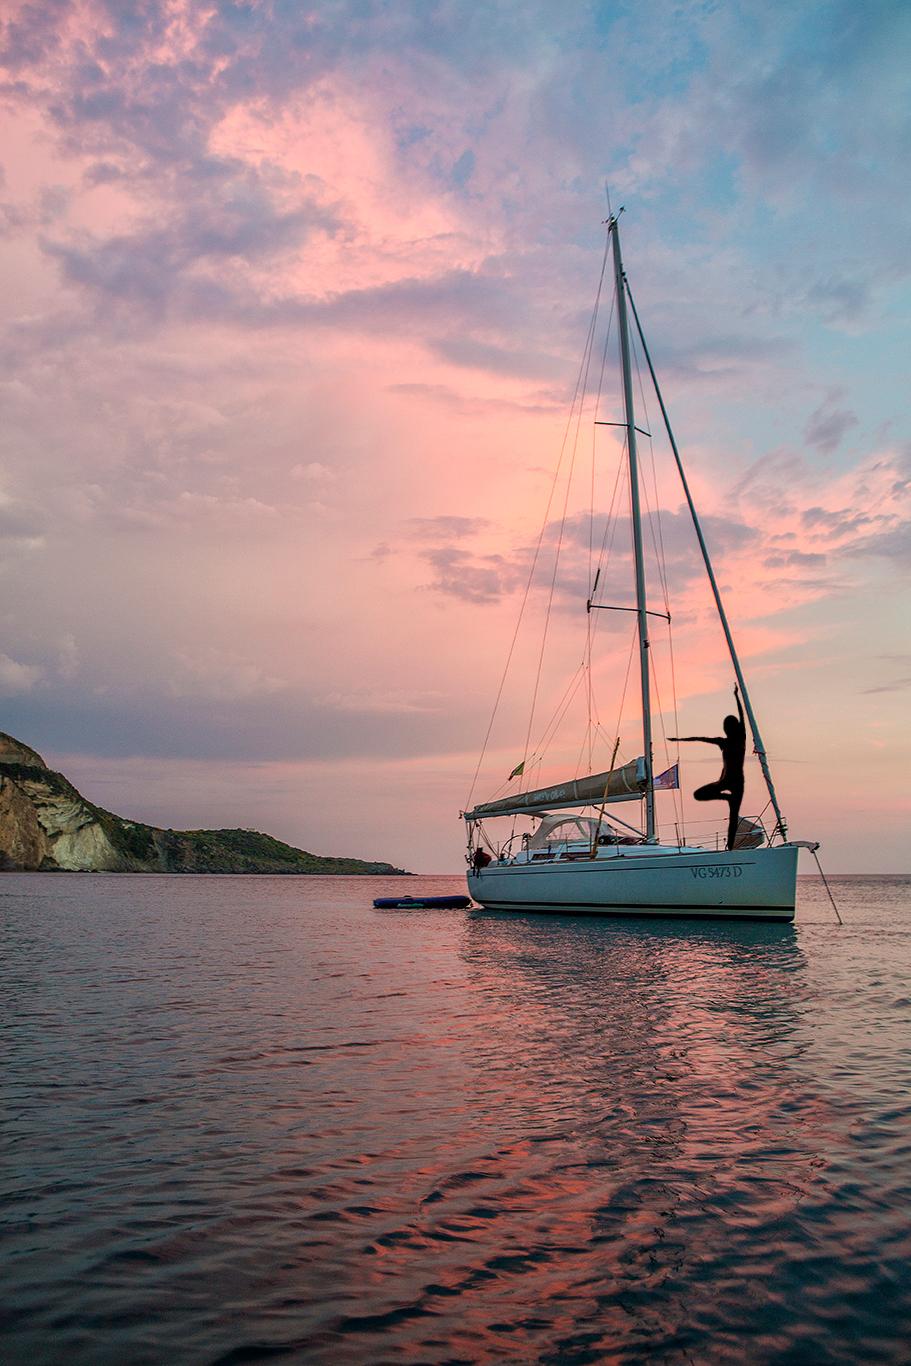 Vacanze yoga in barca a vela, nell'Arcipelago Toscano, per staccare davvero